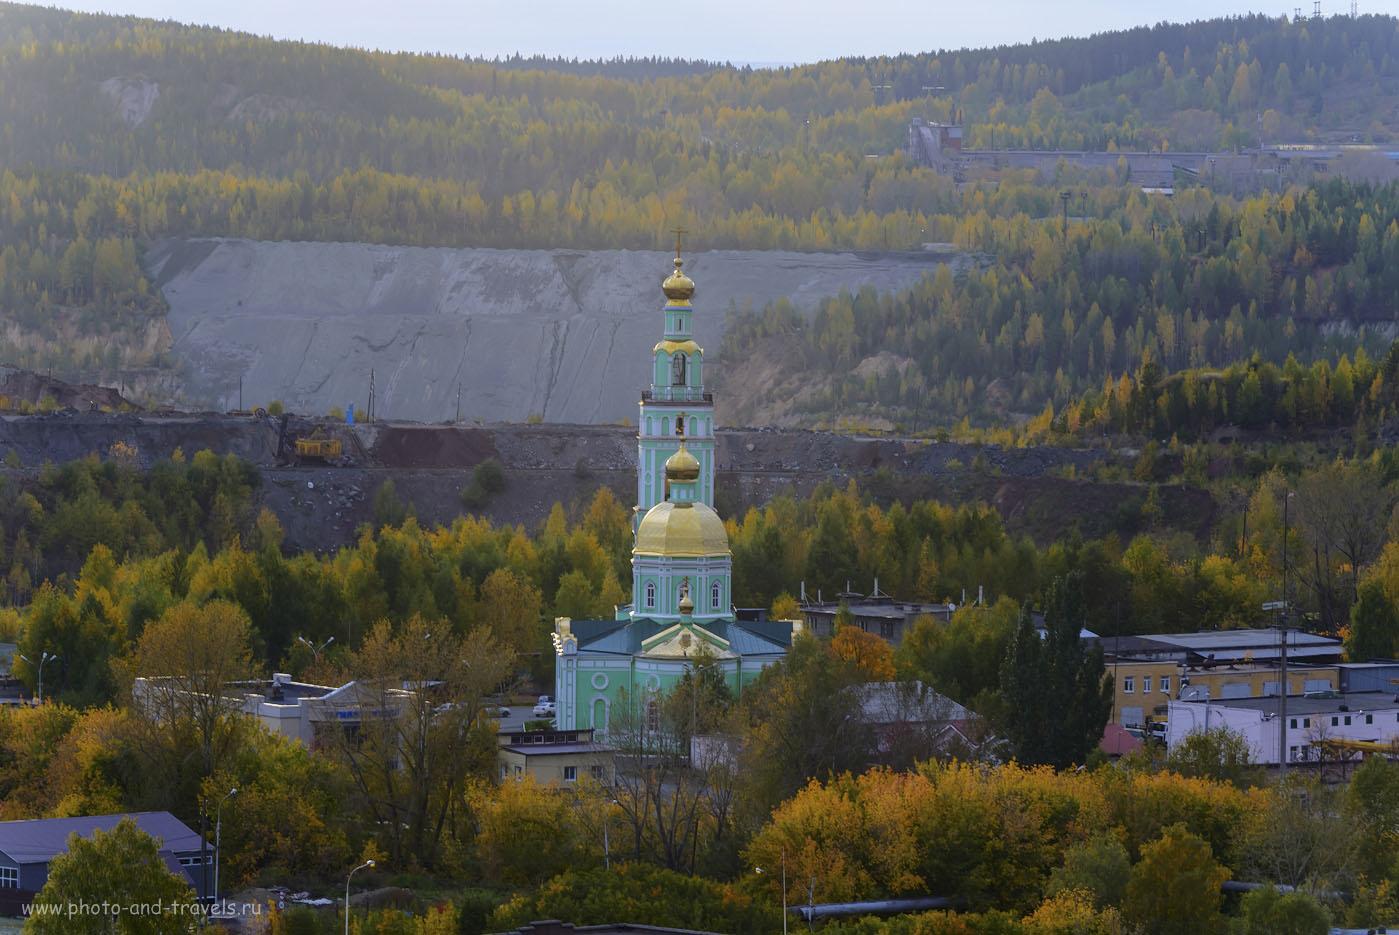 31. В уральских горах уже осень. (100, 200, 8.0, HDR из трех кадров)